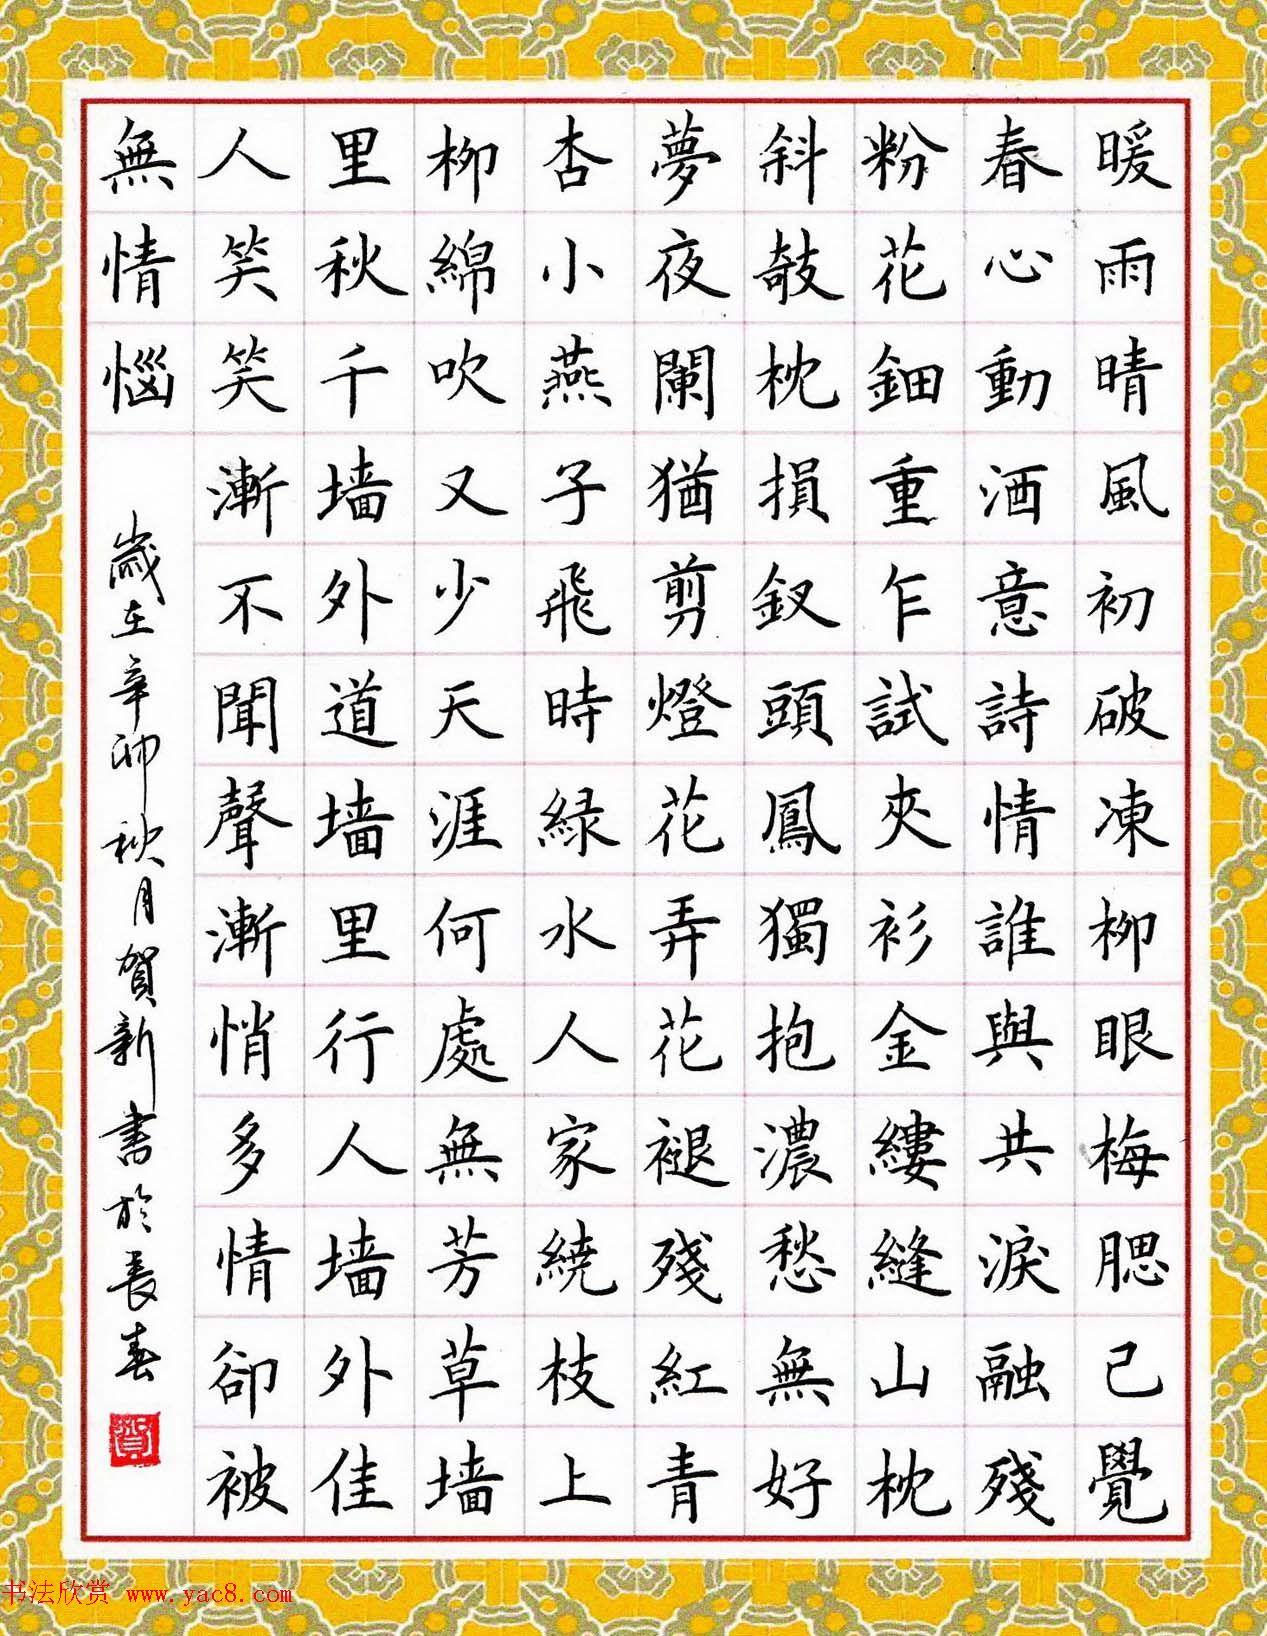 赵贺新欧体硬笔书法作品欣赏 第2页 硬笔书法 书法欣赏